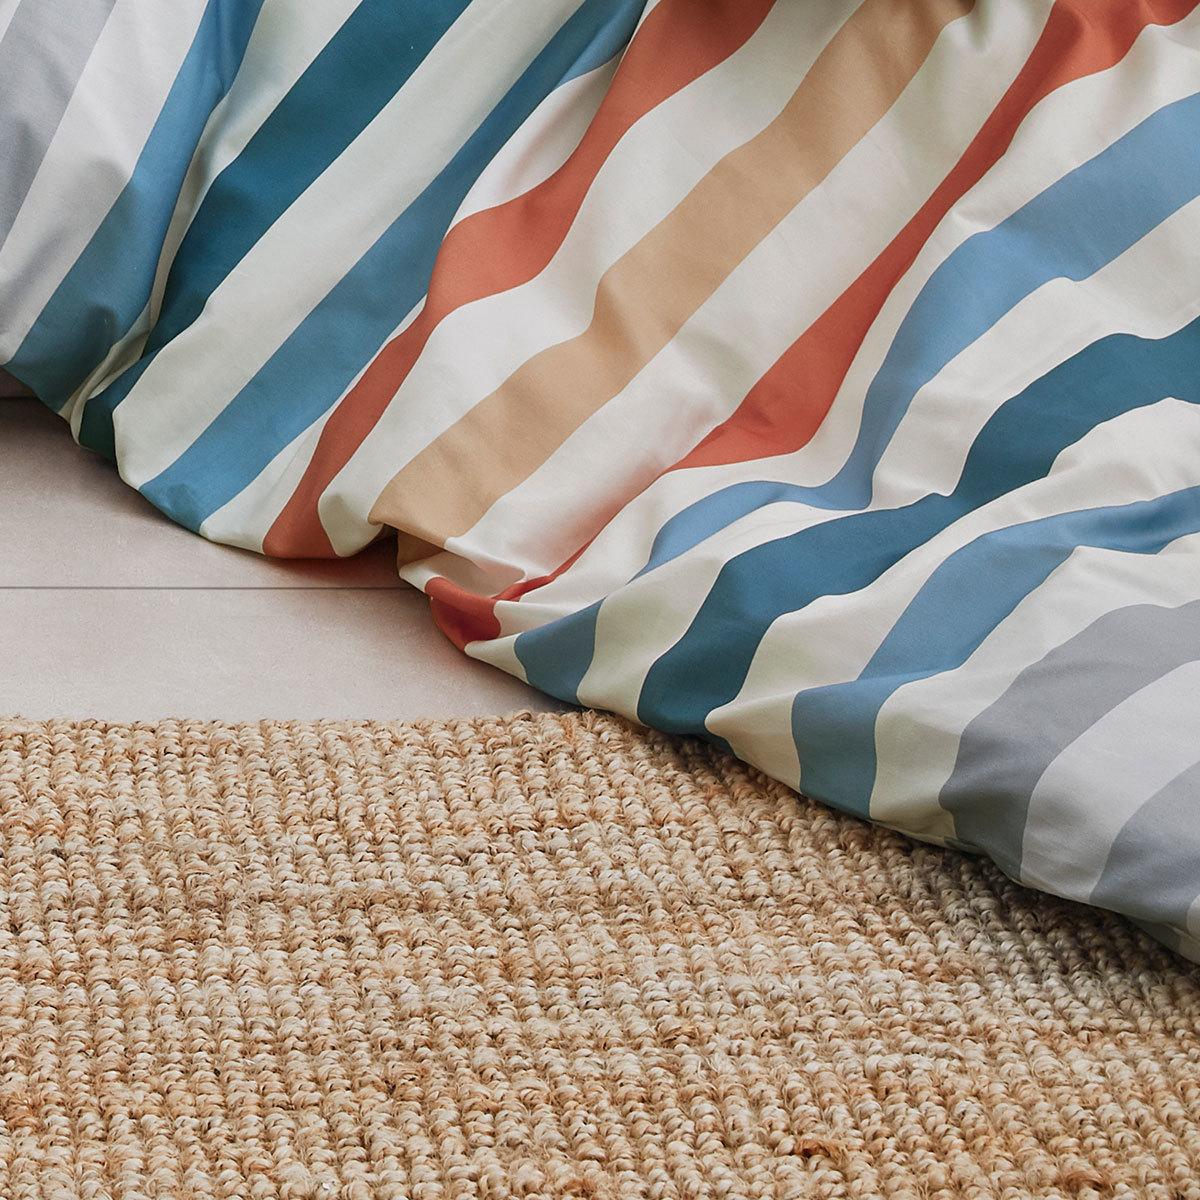 s oliver bettw sche 4040 660 g nstig online kaufen bei bettwaren shop. Black Bedroom Furniture Sets. Home Design Ideas